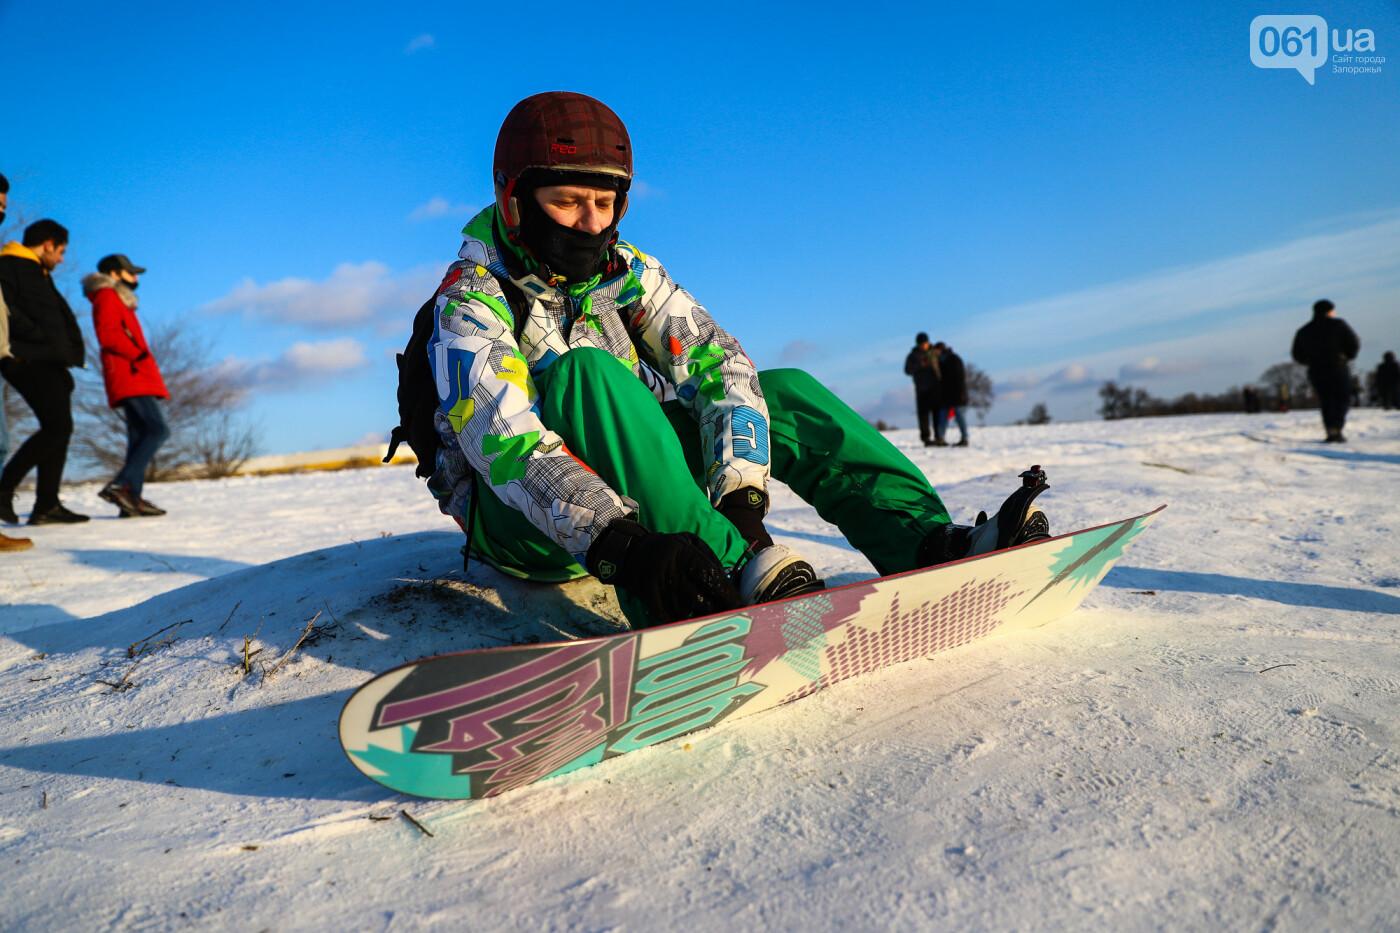 На санках, лыжах и сноуборде: запорожцы устроили массовое катание с горок в Вознесеновском парке, - ФОТОРЕПОРТАЖ, фото-26